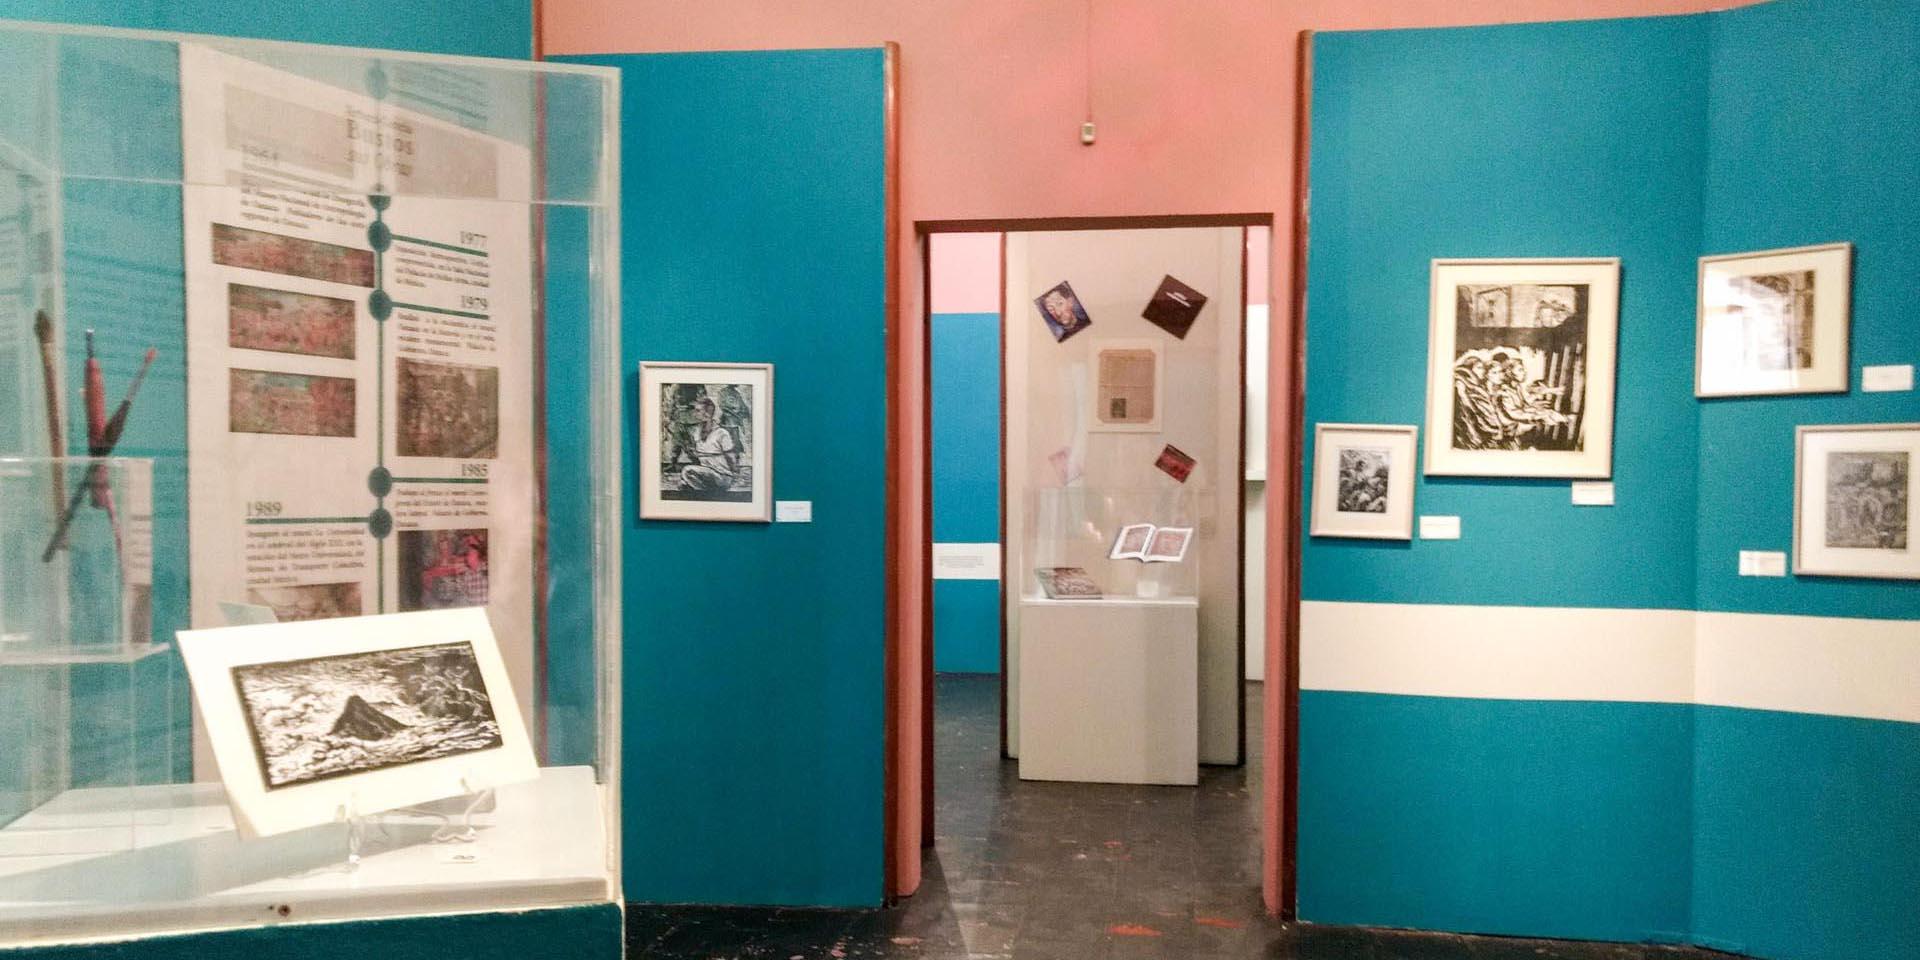 Vista de las dos salas que comprende la Galería de Arte del MUSAC, en los páneles se aprecia la exhibición de grabados del artista mexicano Arturo García Bustos y carteles sobre su trayectoria.